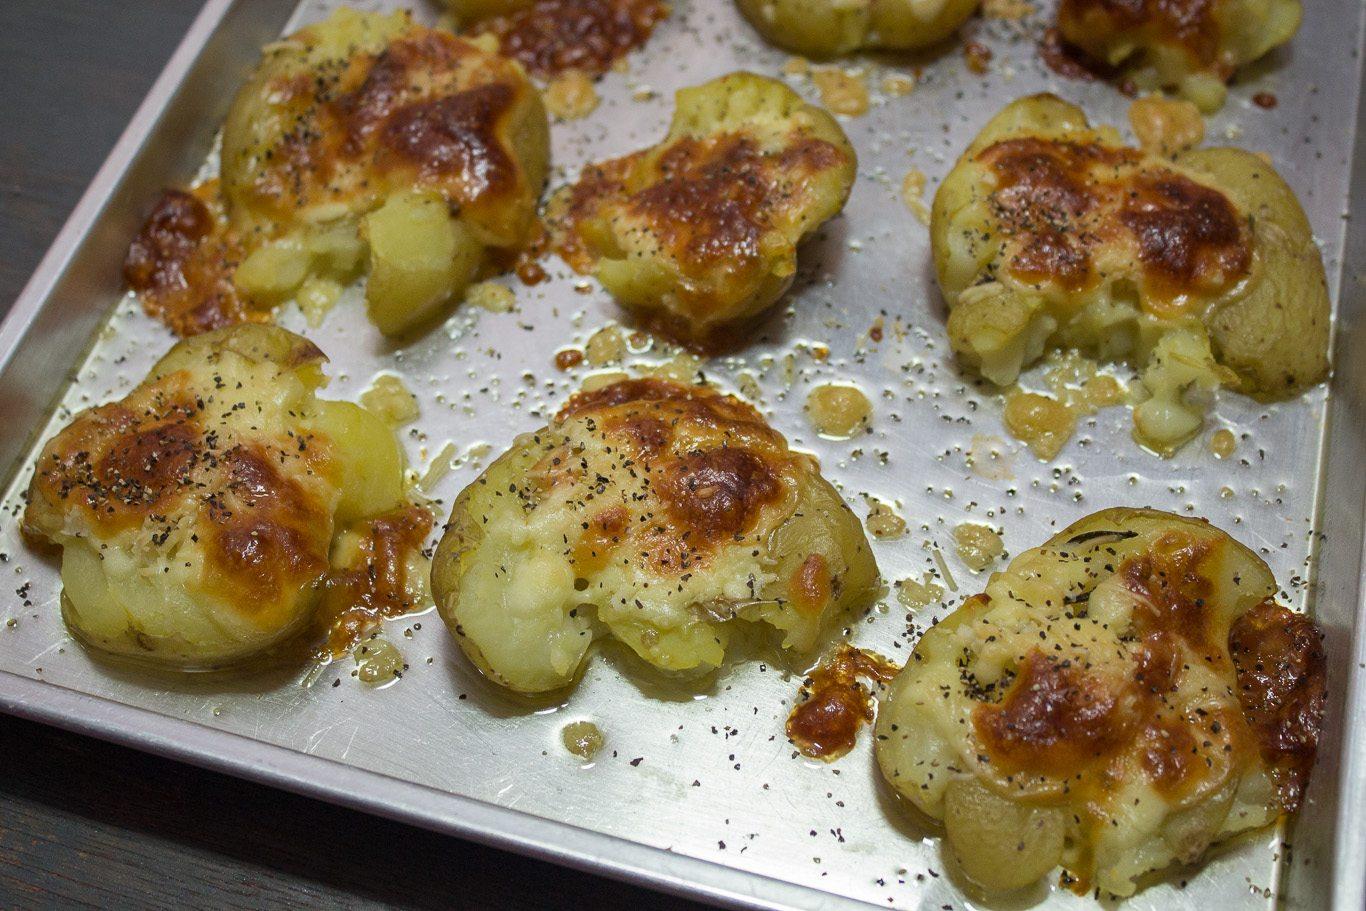 Garlic and Rosemary Smashed Potatoes